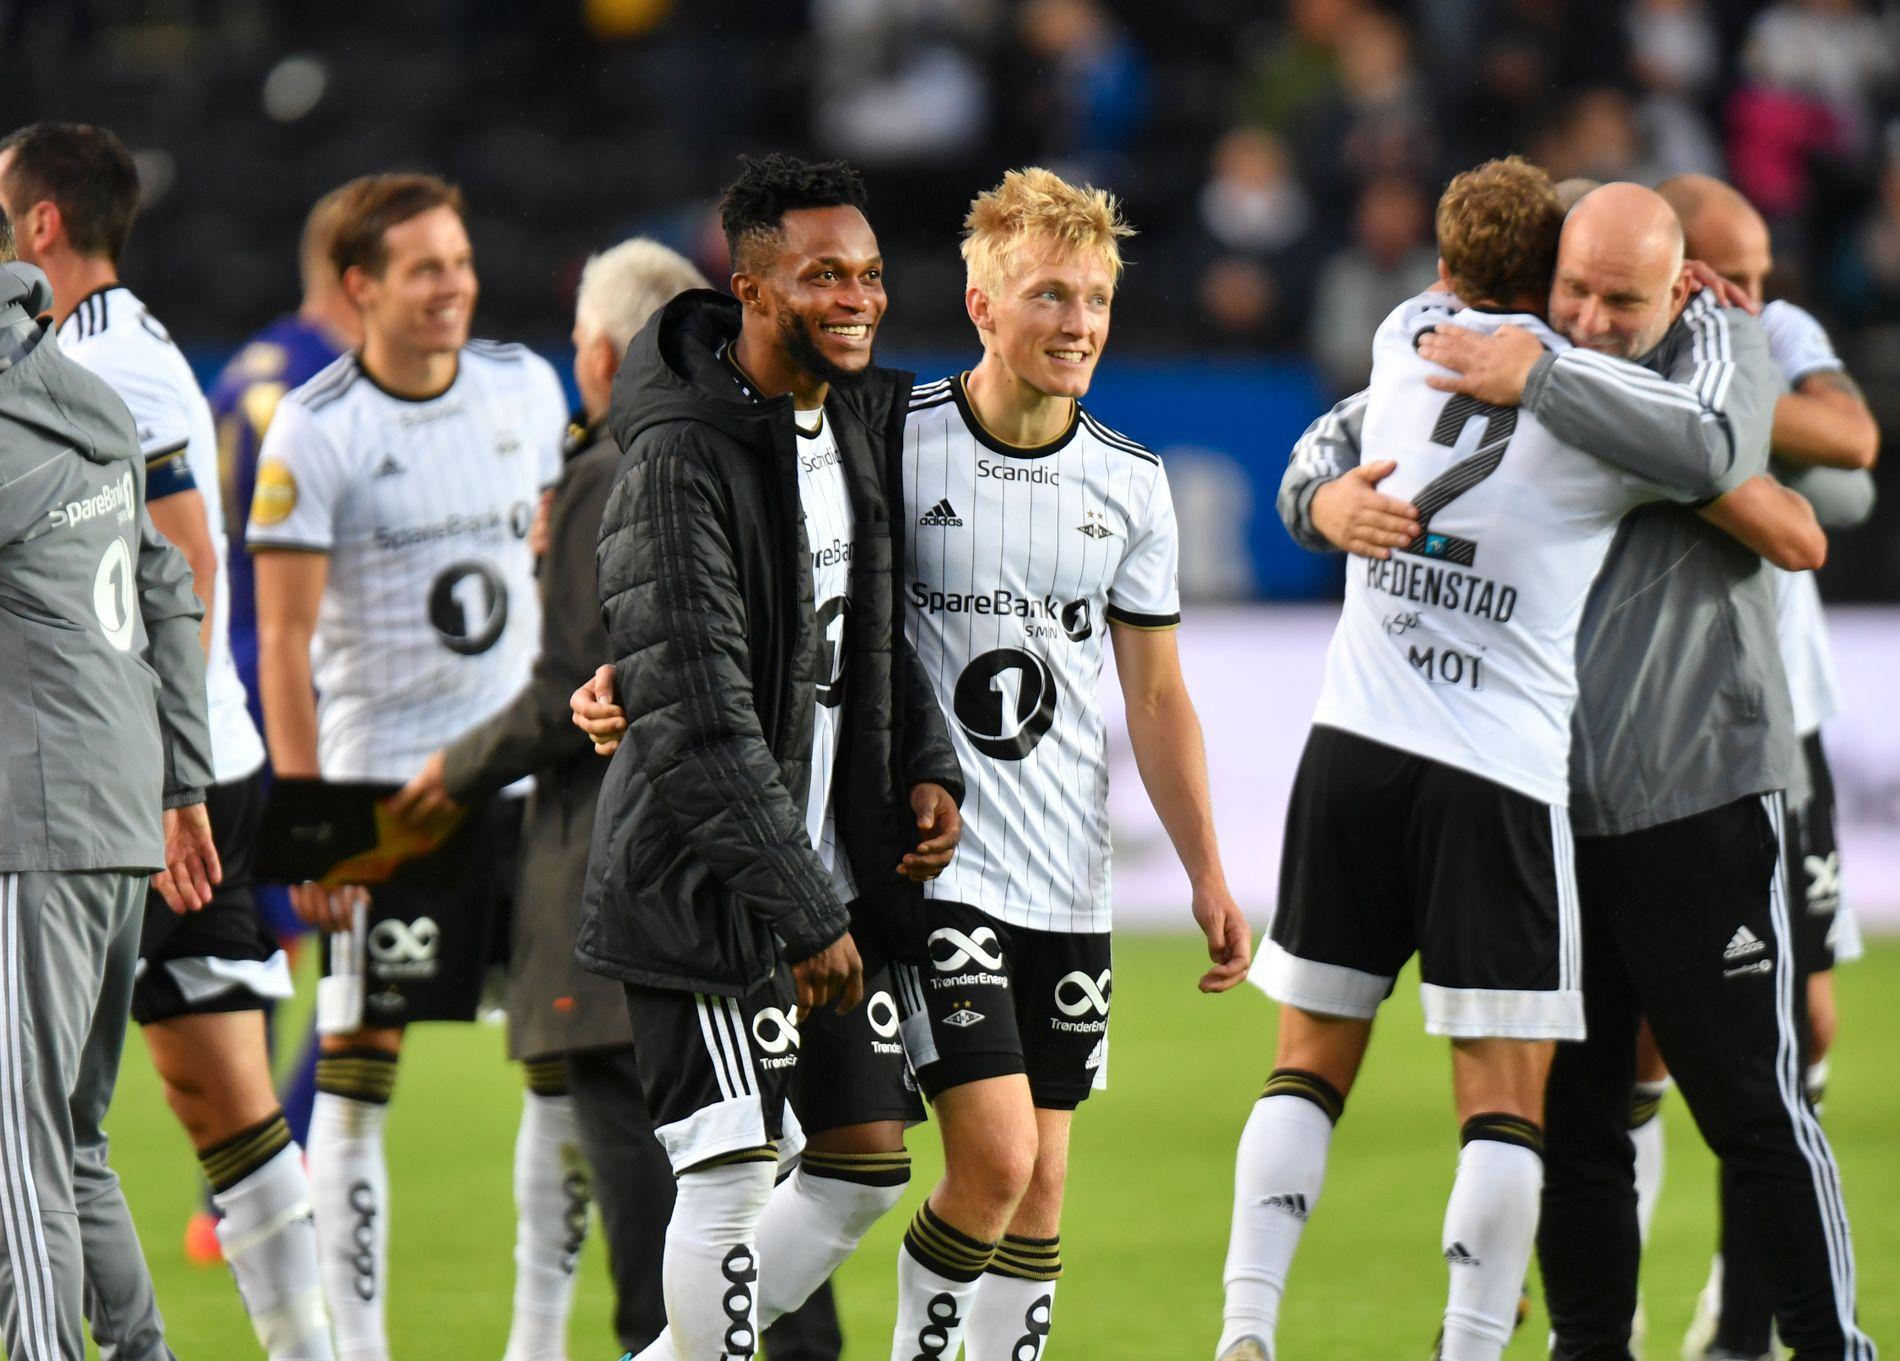 ETTERTRAKTEDE: Samuel Adegbenro og Birger Meling smilte etter seieren mot Maribor på Lerkendal tirsdag kveld.